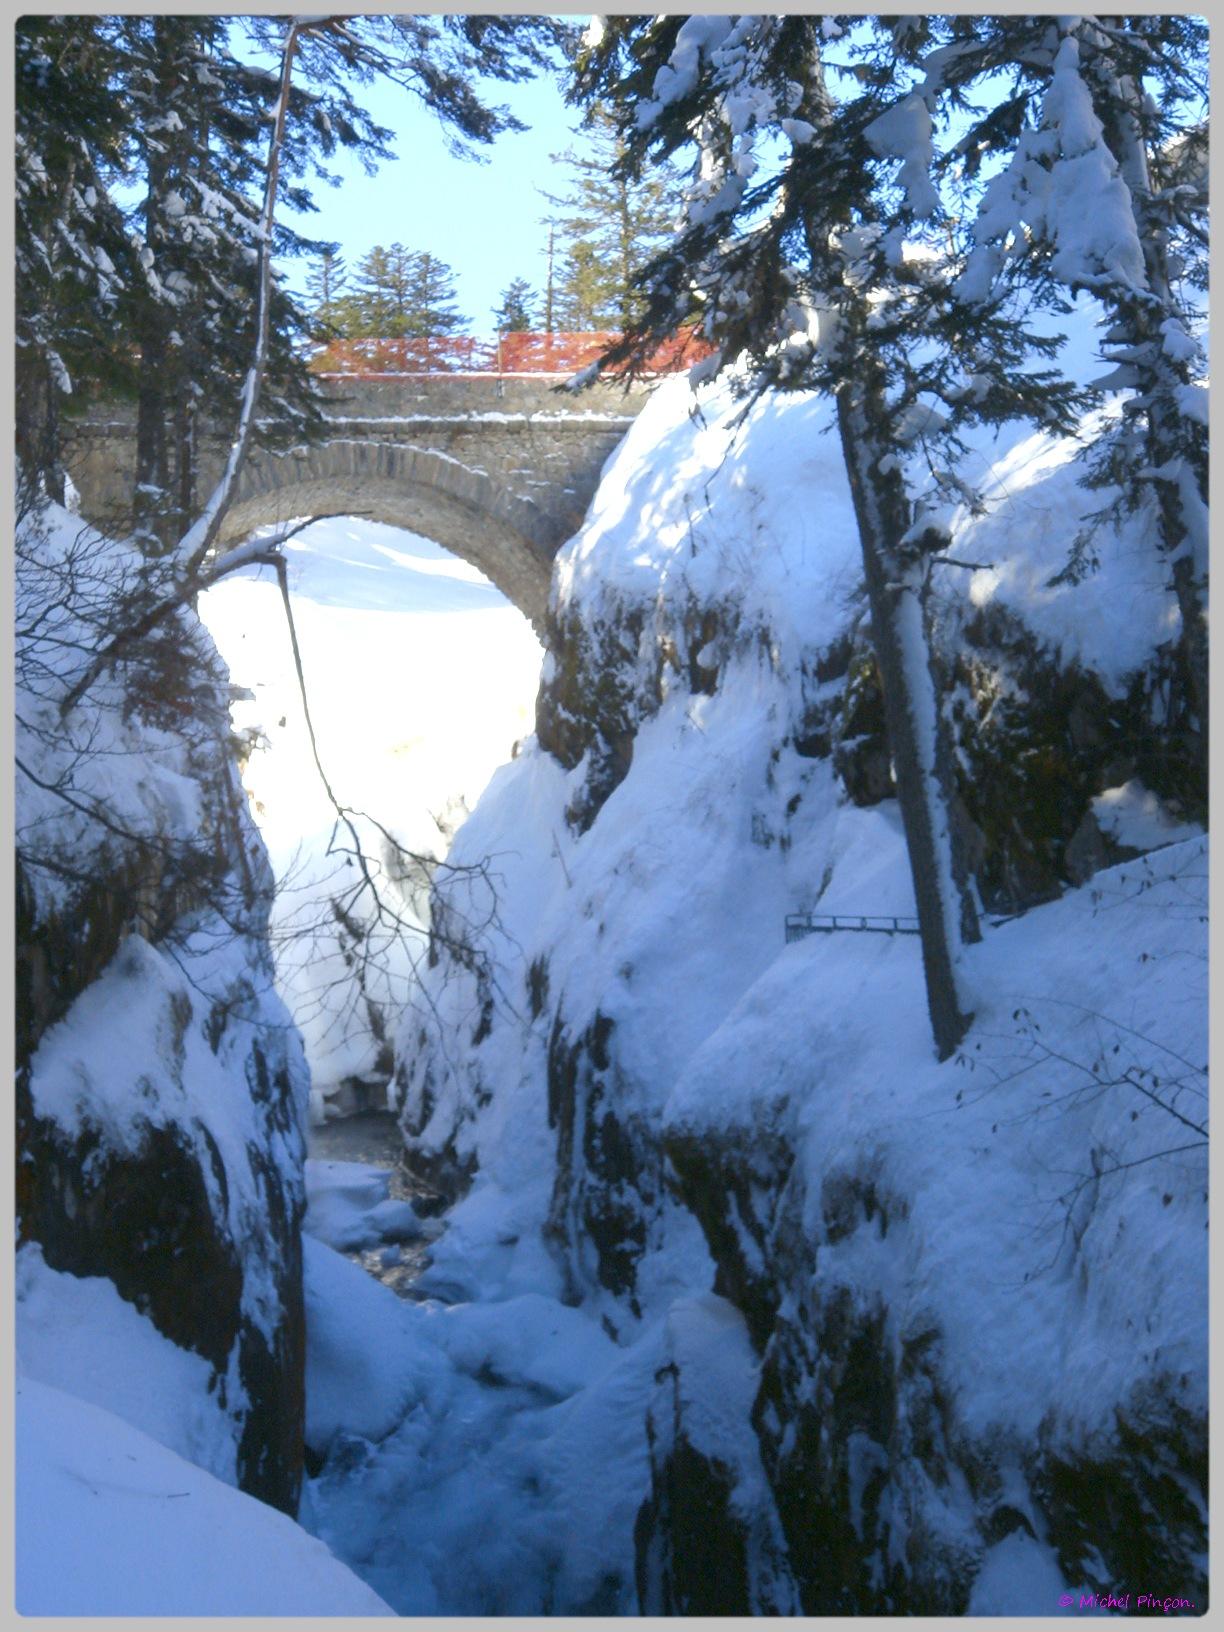 Une semaine à la Neige dans les Htes Pyrénées - Page 2 232492DSC011937